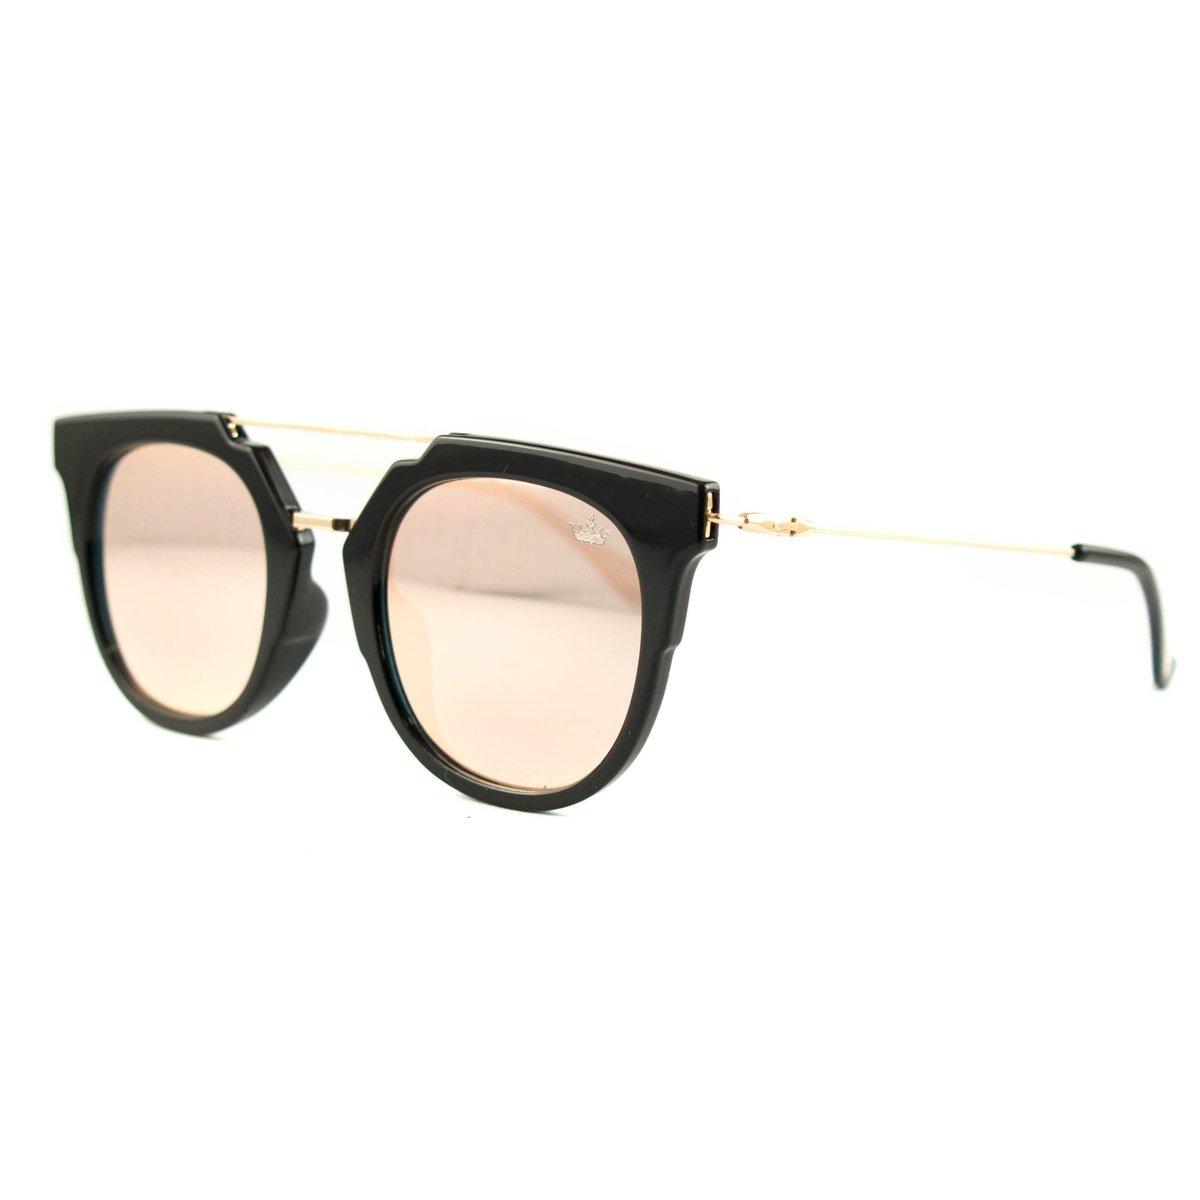 Óculos de Sol Carmim Espelhado - Compre Agora   Zattini f5deafb150